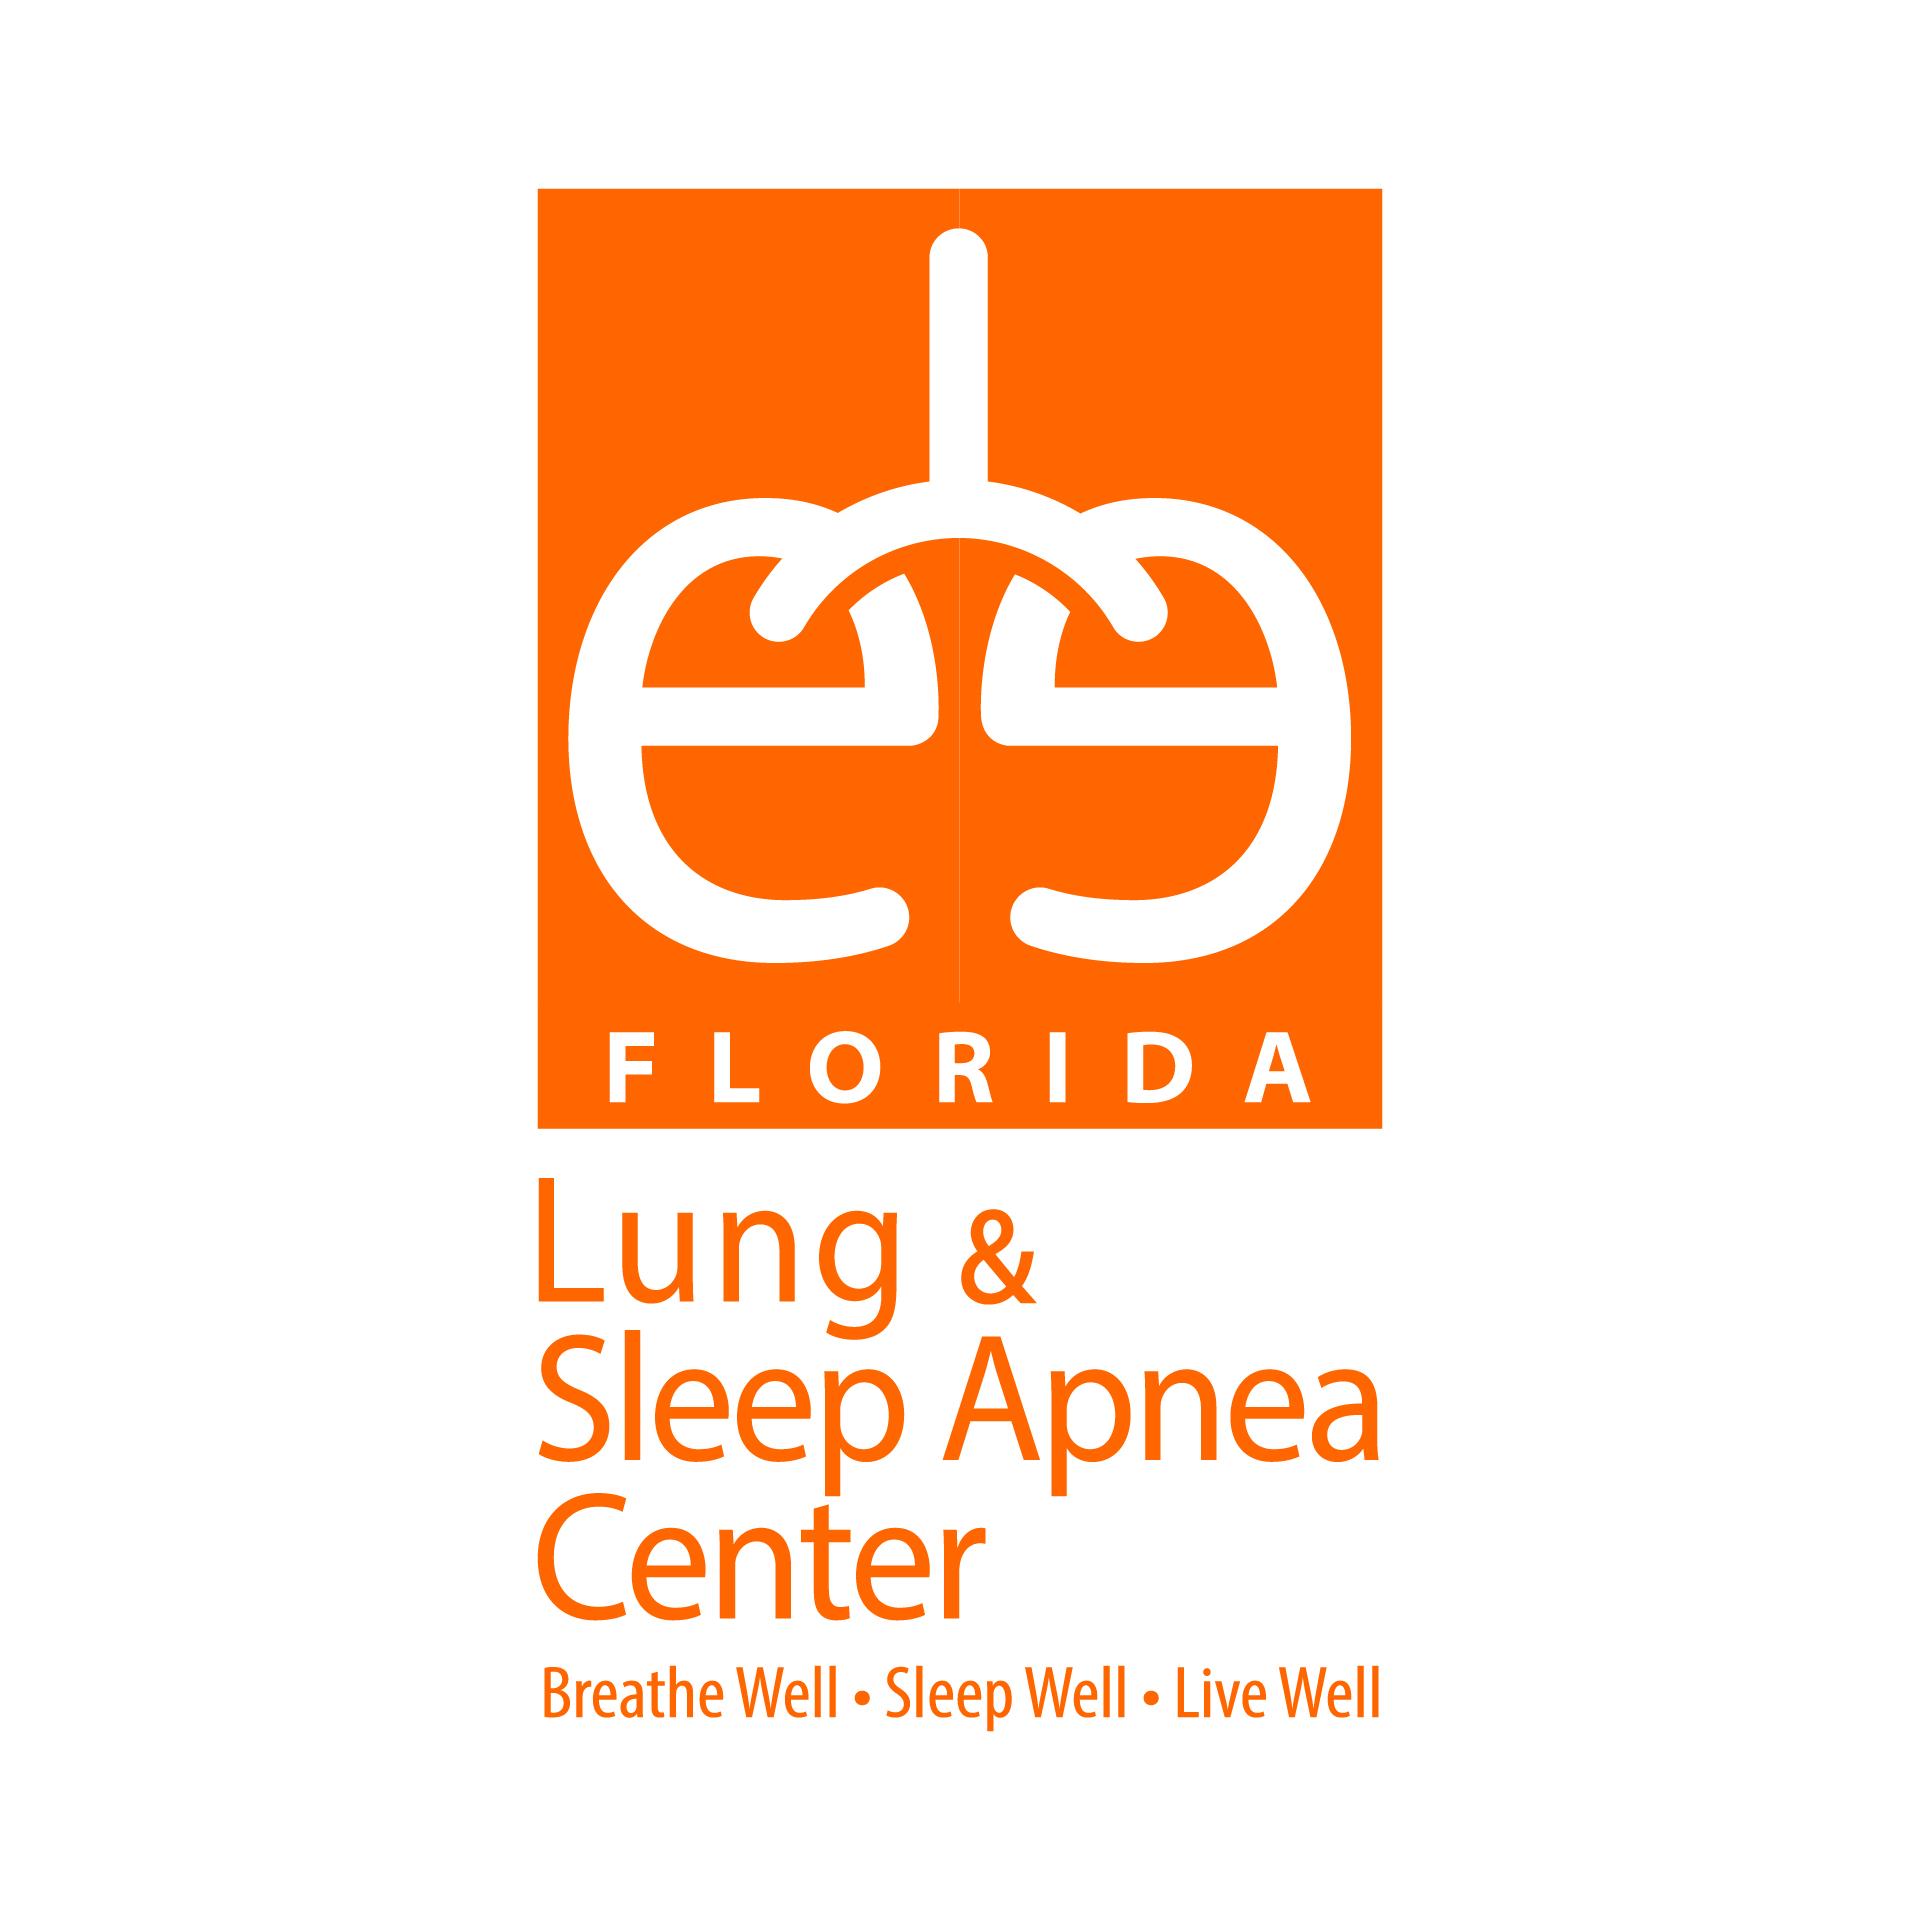 Diseño de Identidad Visual y Logotipo para la marca Lung & Sleep Apnea Center